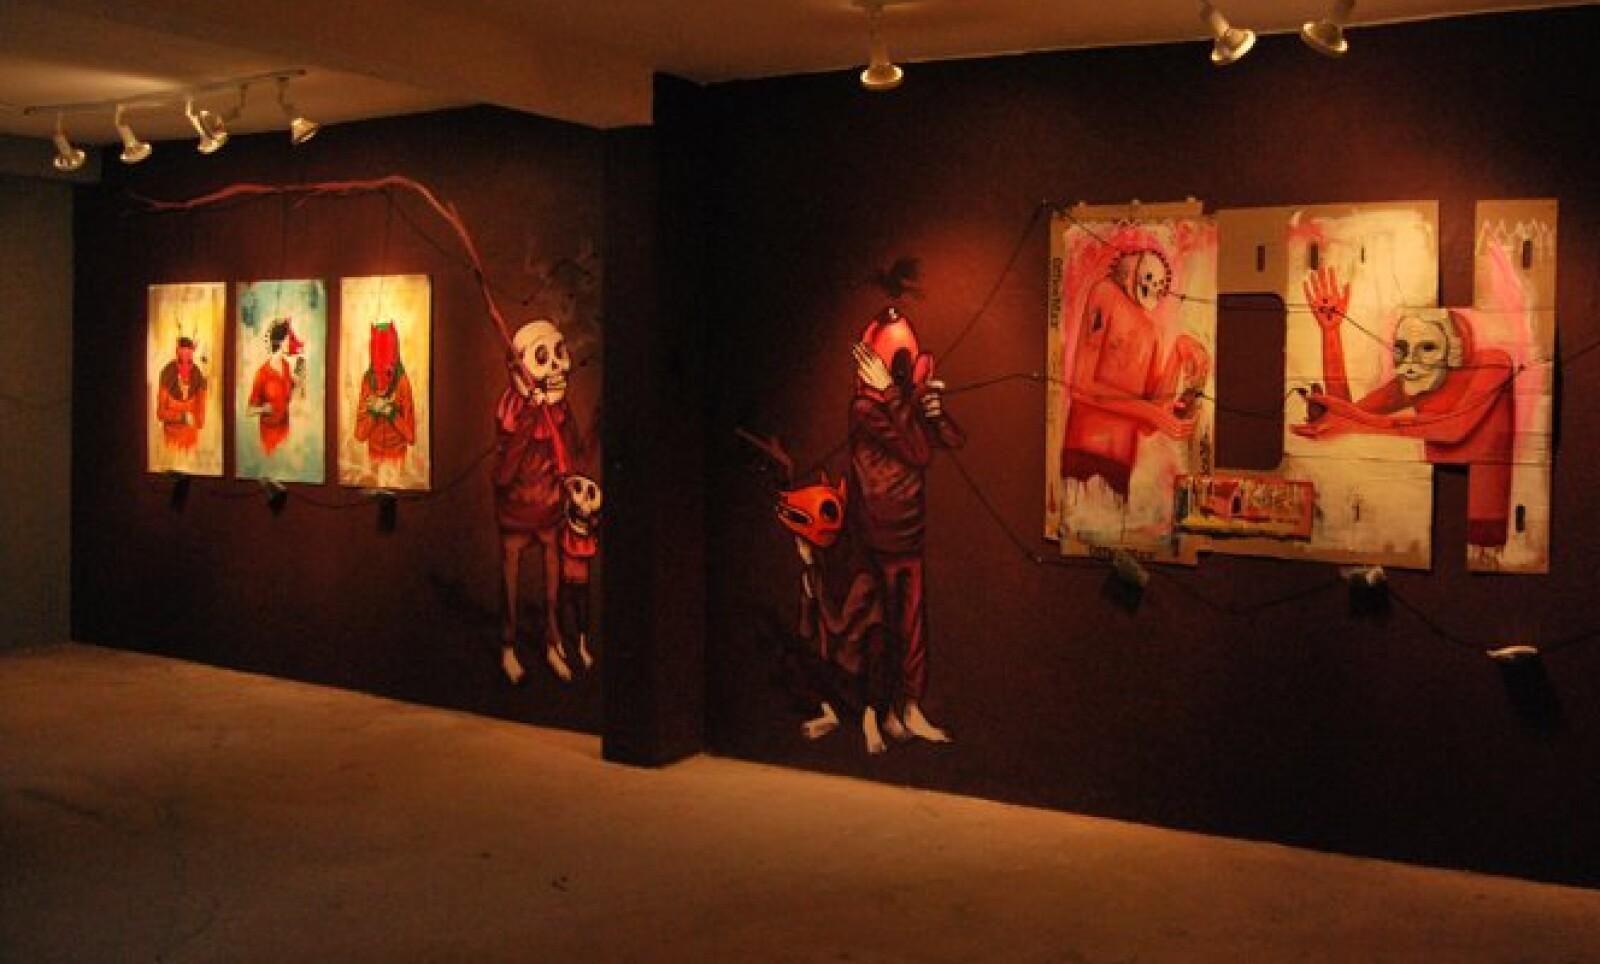 Enfocado en el graffiti y arte multimedia, fomenta el arte contemporáneo alternativo e independiente.